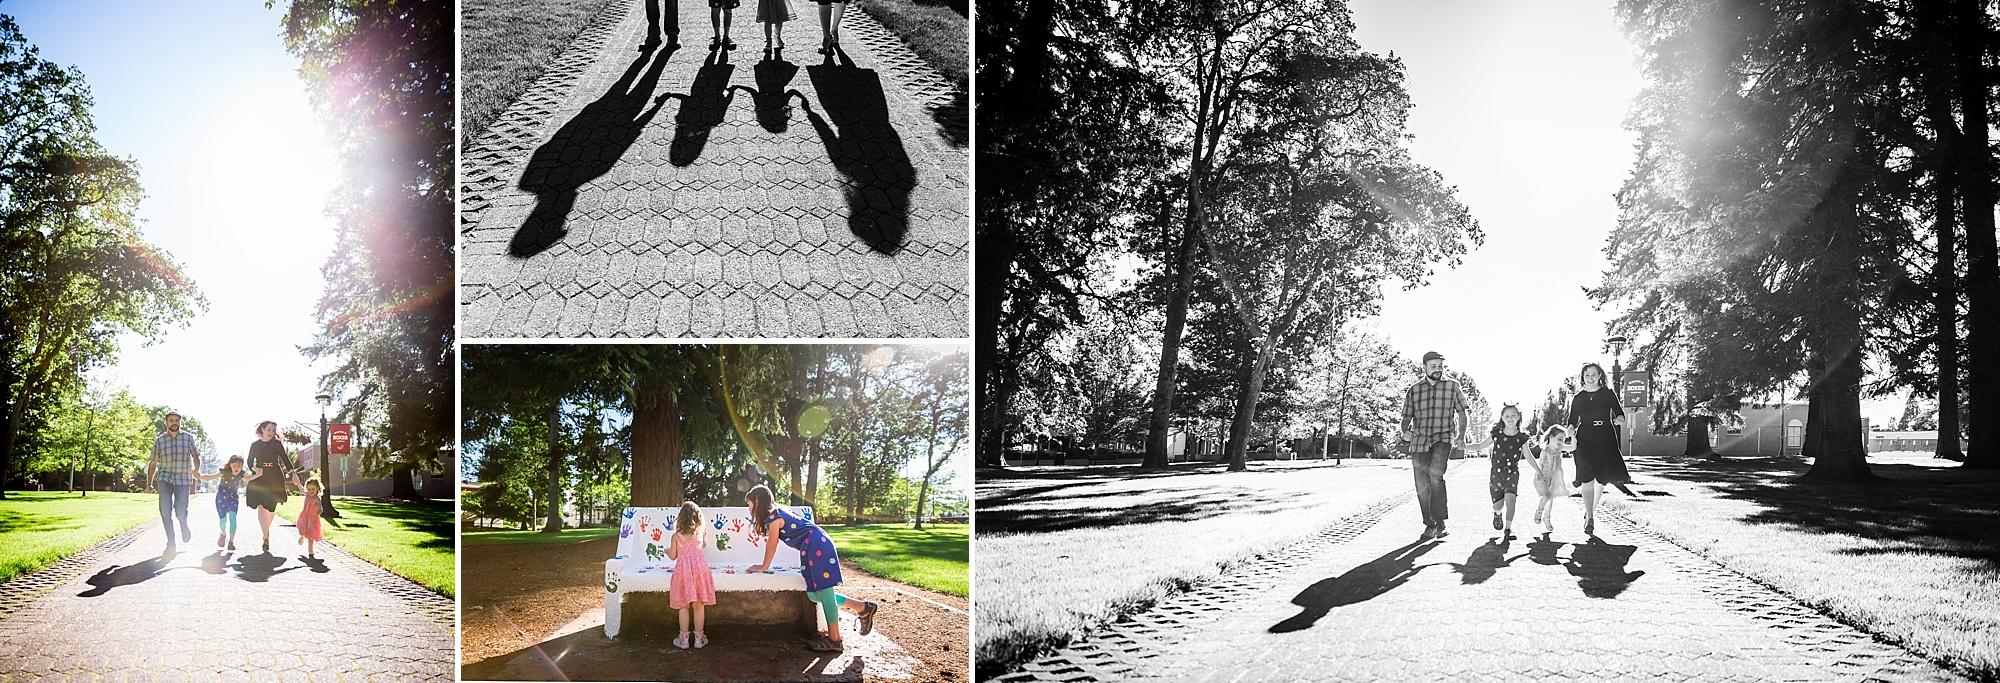 Forest_Grove_Oregon_Family_Photos_Hunnicutt_Photography_0001